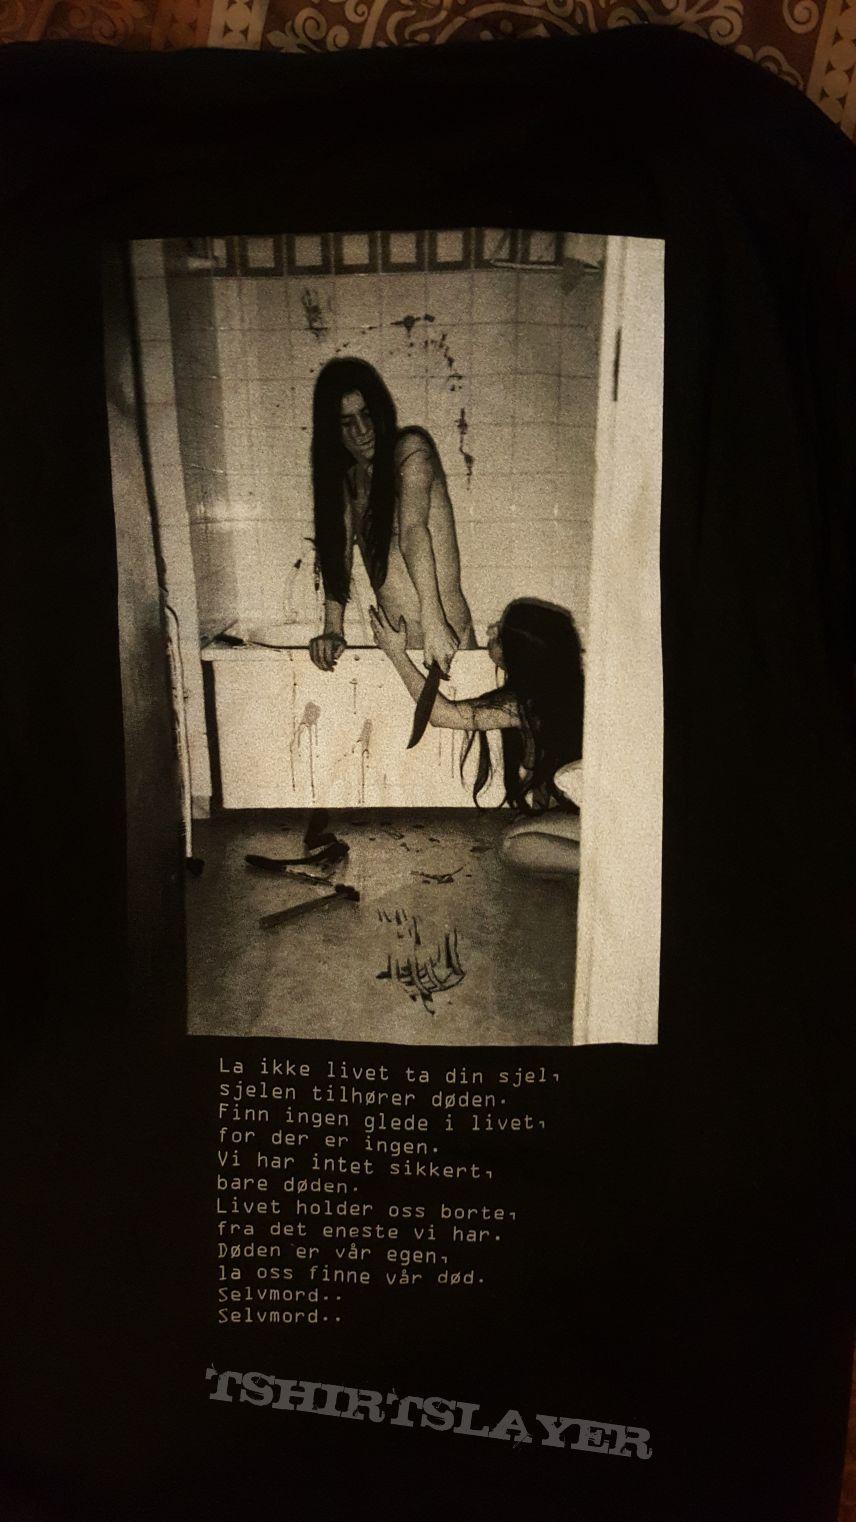 Vond - Selvmord